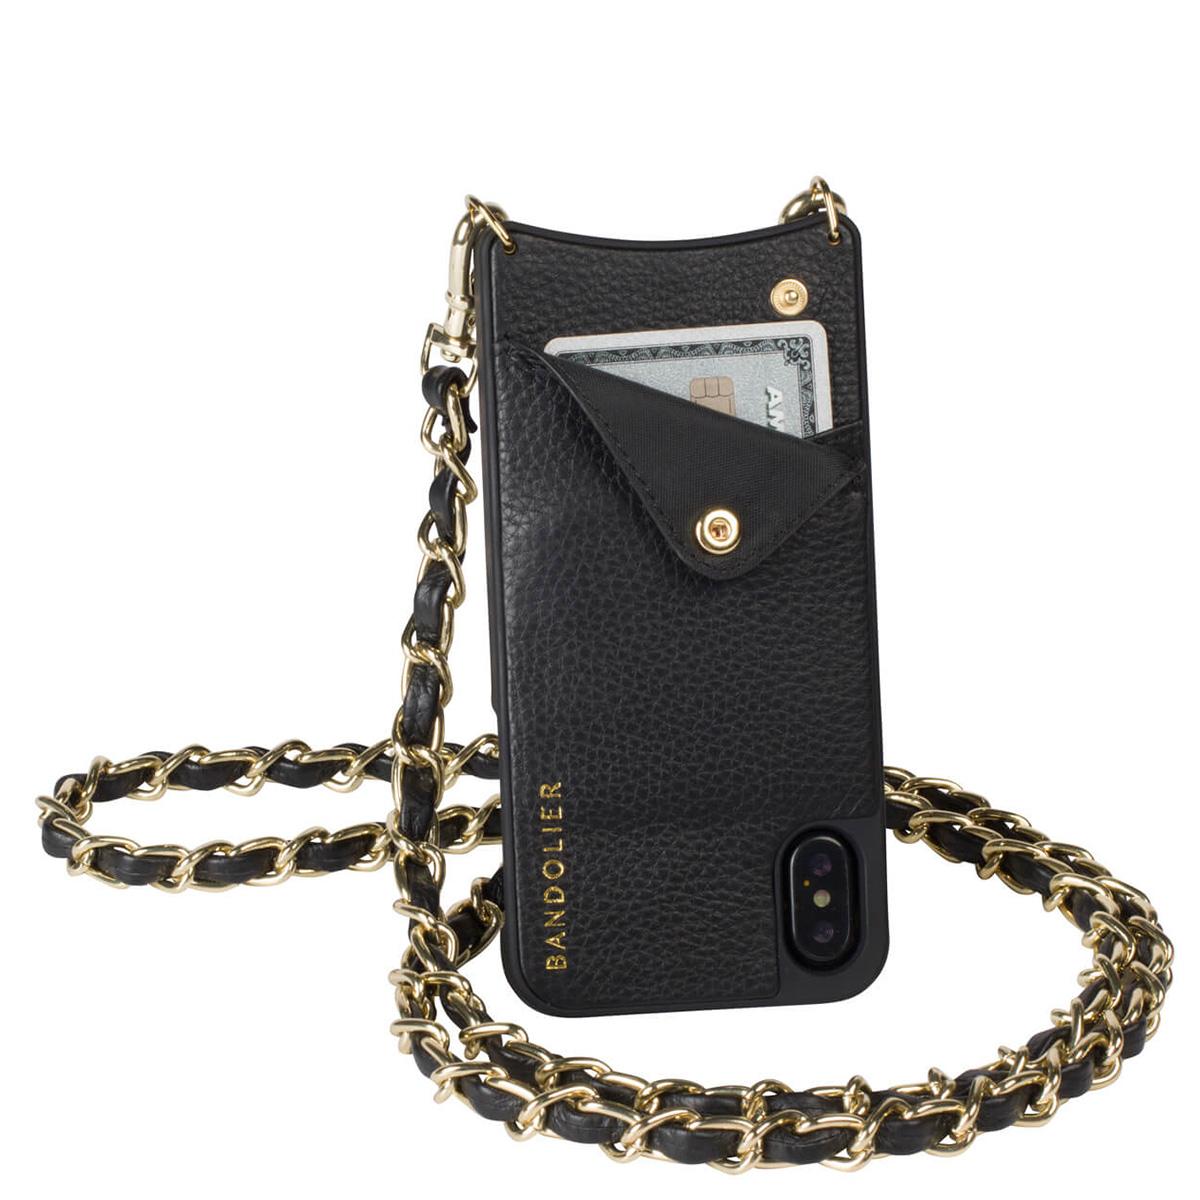 BANDOLIER iPhoneX LUCY GOLD バンドリヤー ケース スマホ アイフォン レザー メンズ レディース [191]